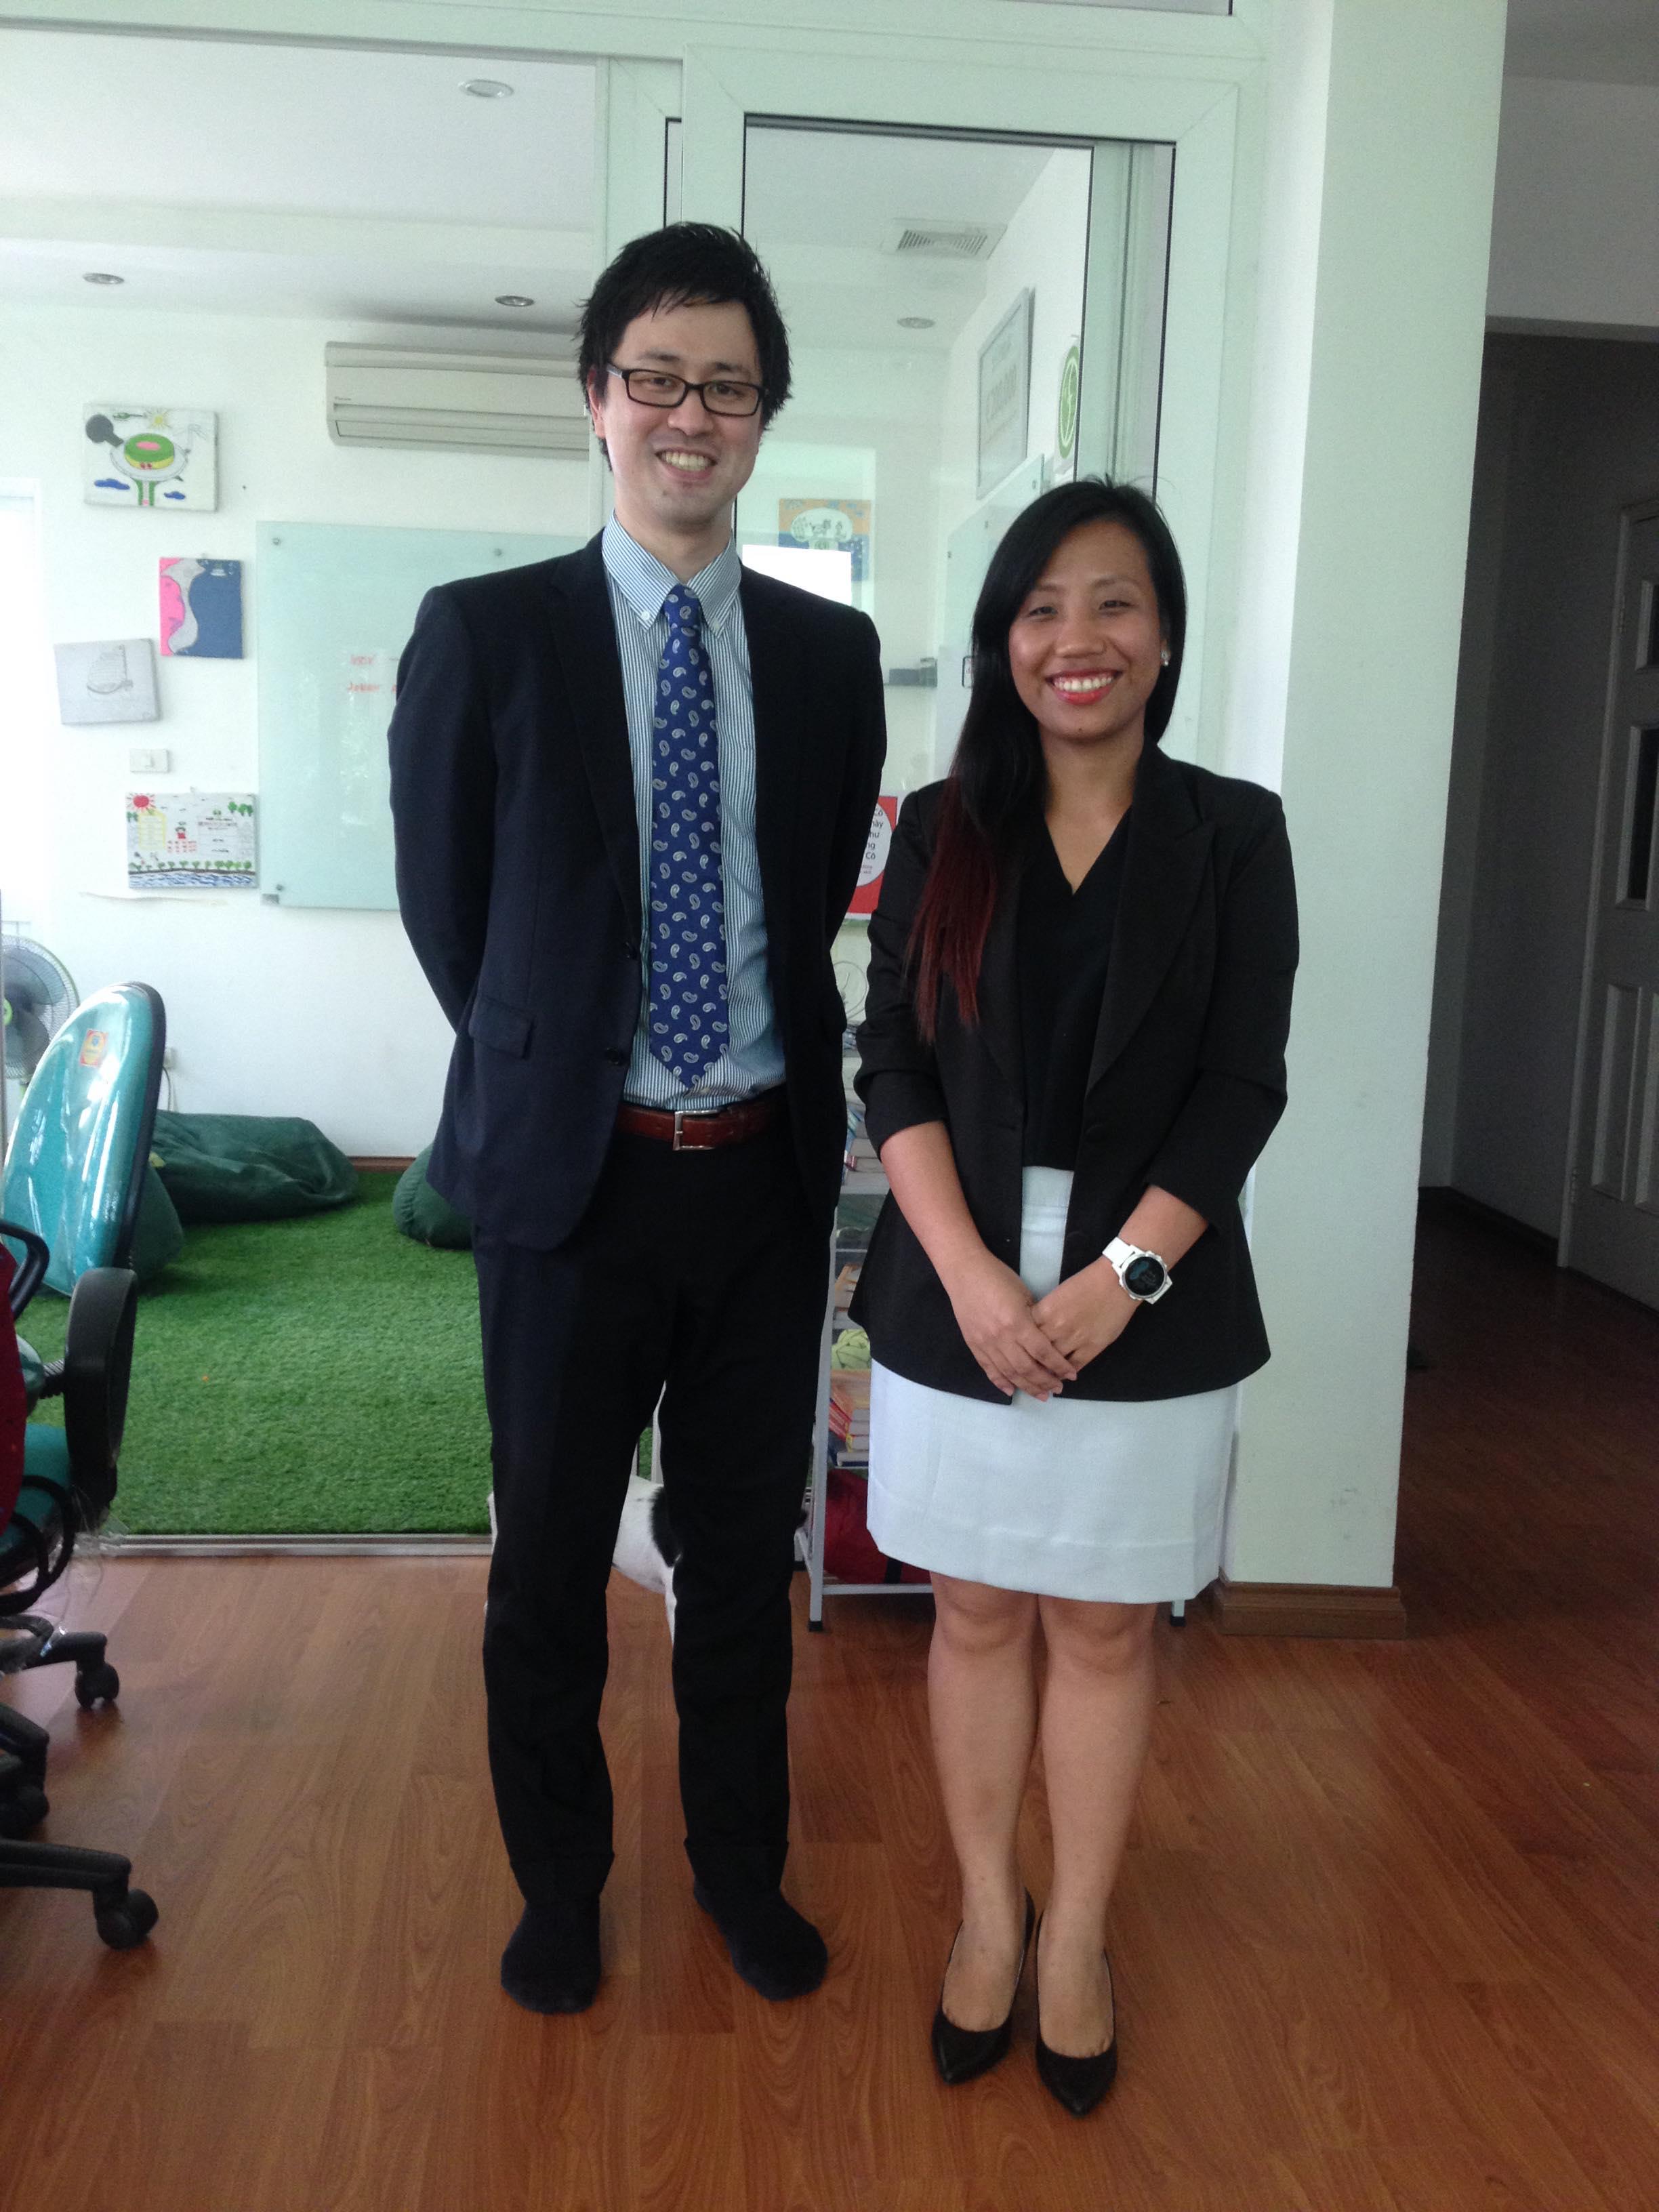 Rui and Trang